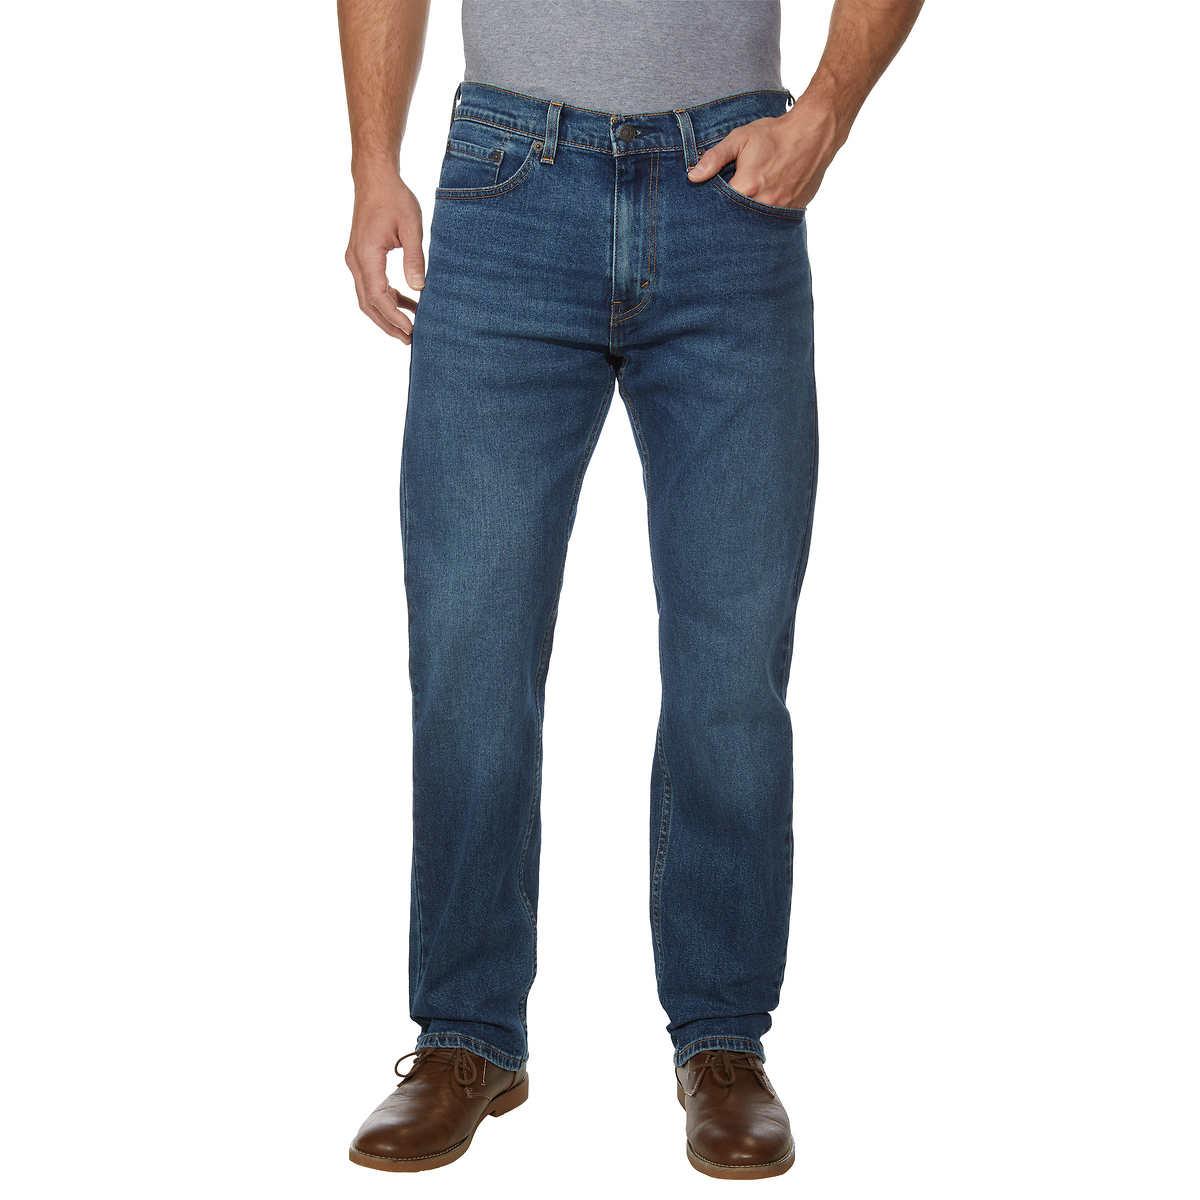 0333da403b6 ... Levi's Men's 505 Jean. blue 1 blue 1